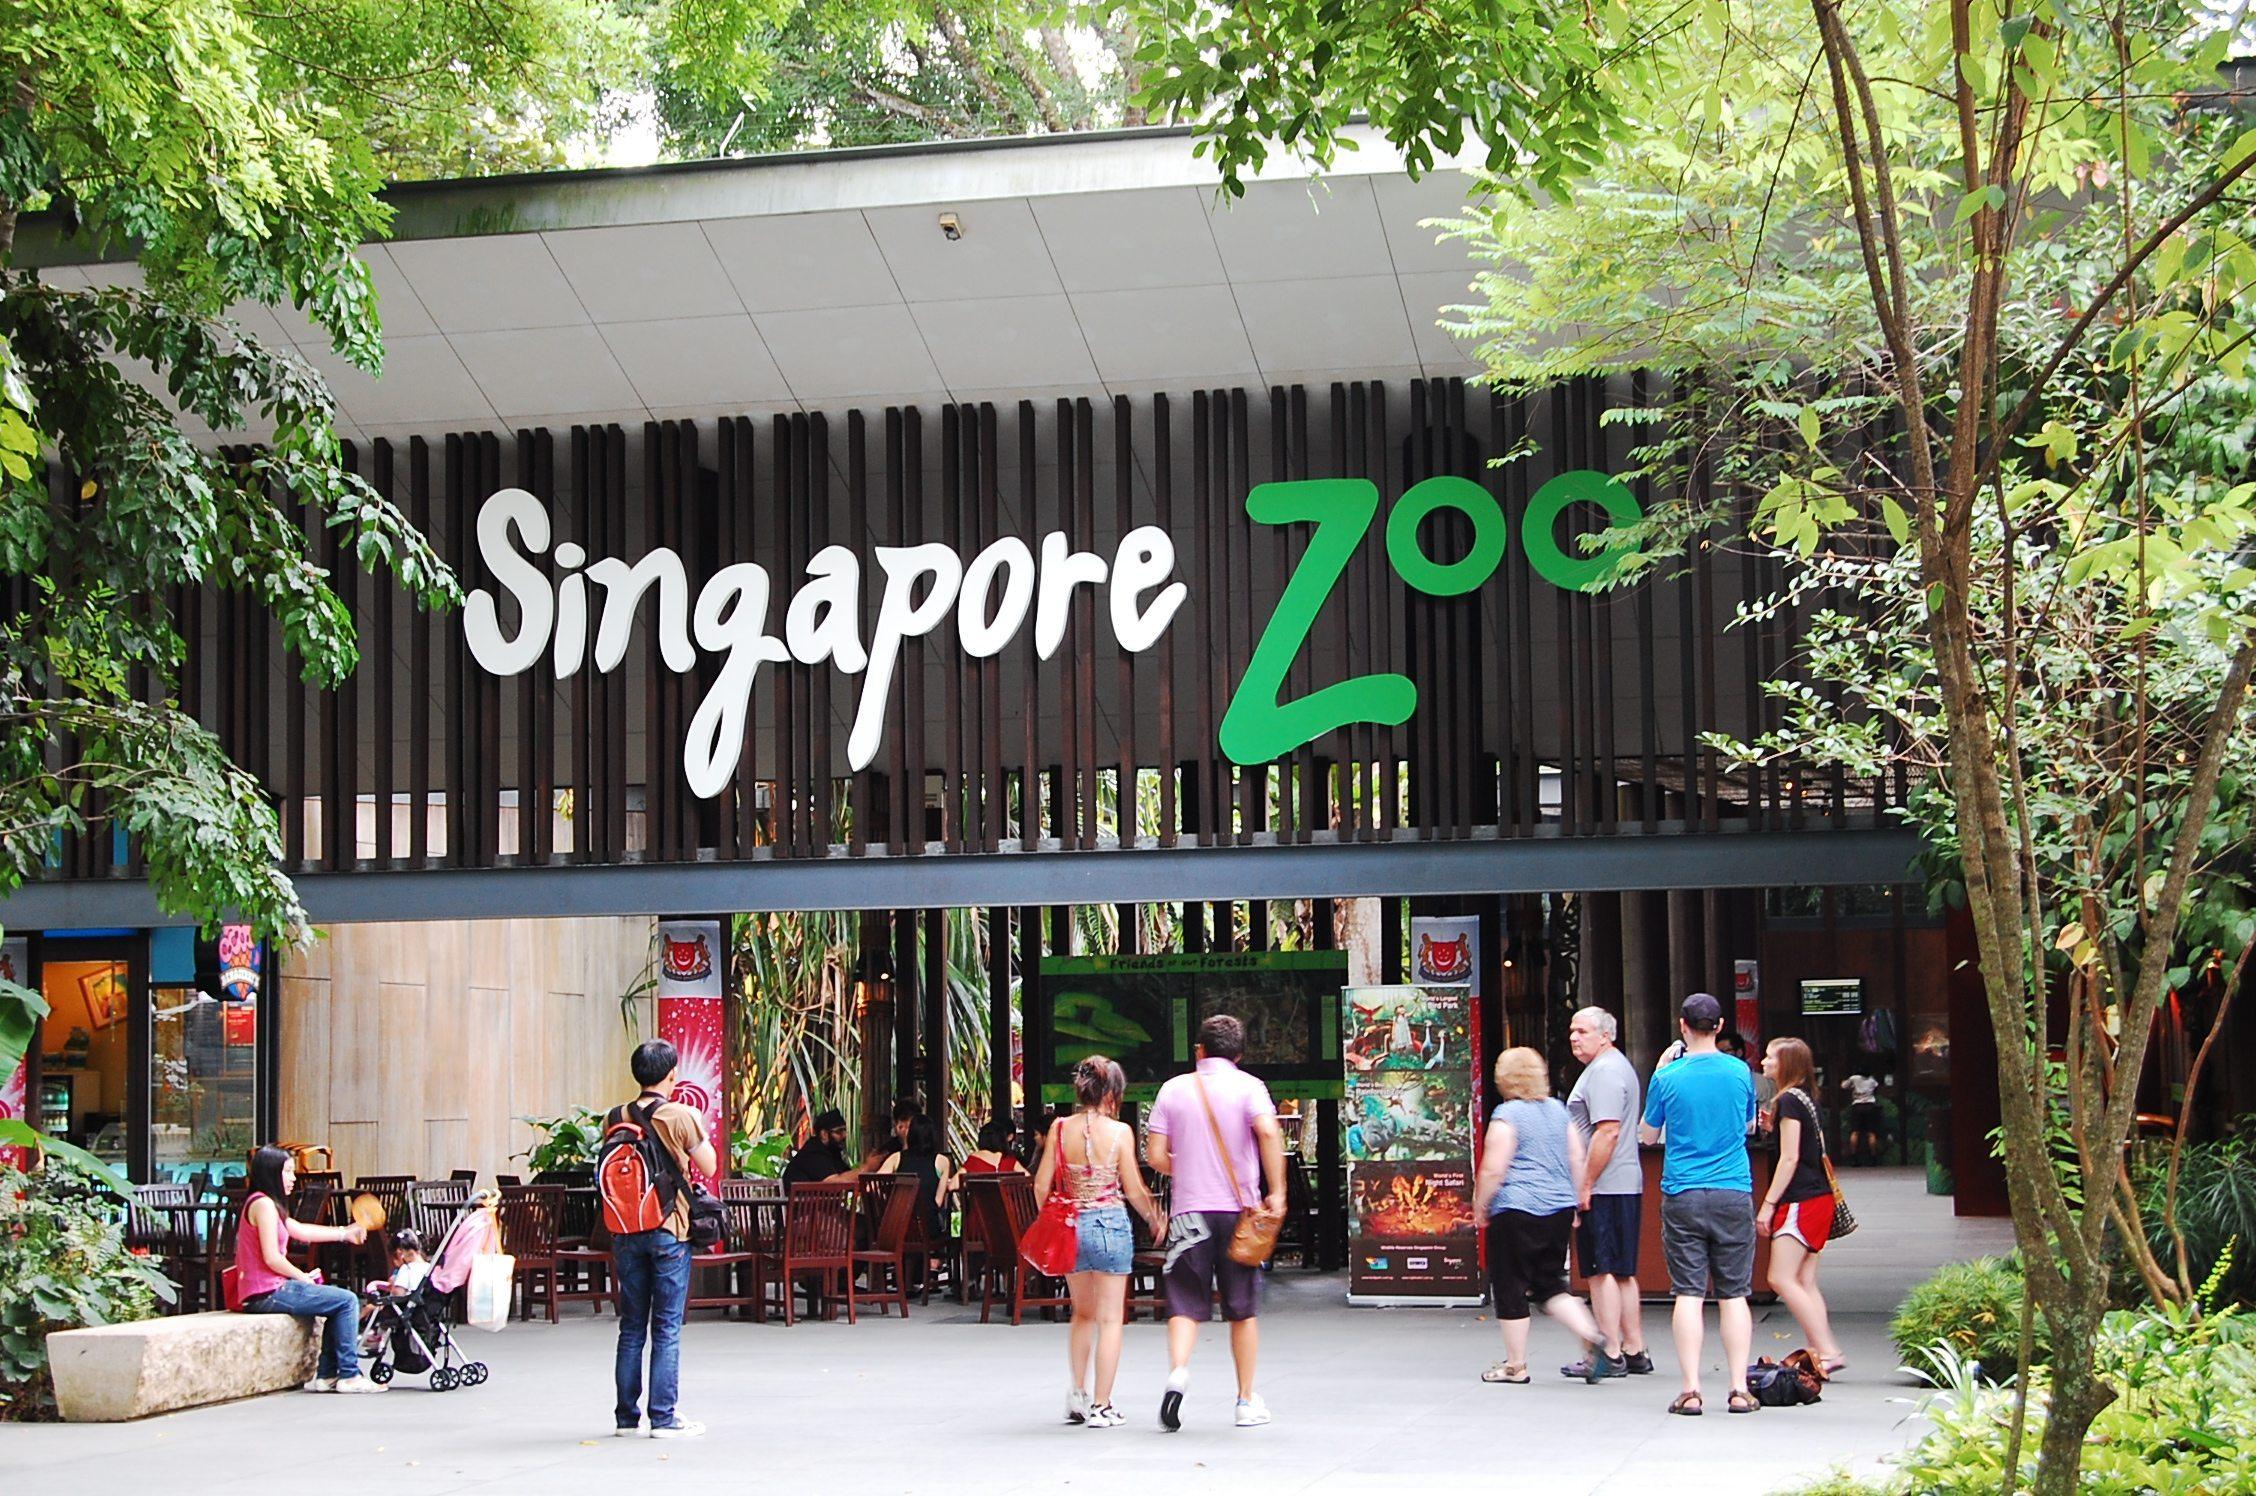 السياحة في سنغافورة - حديقة حيوانات سنغافورة